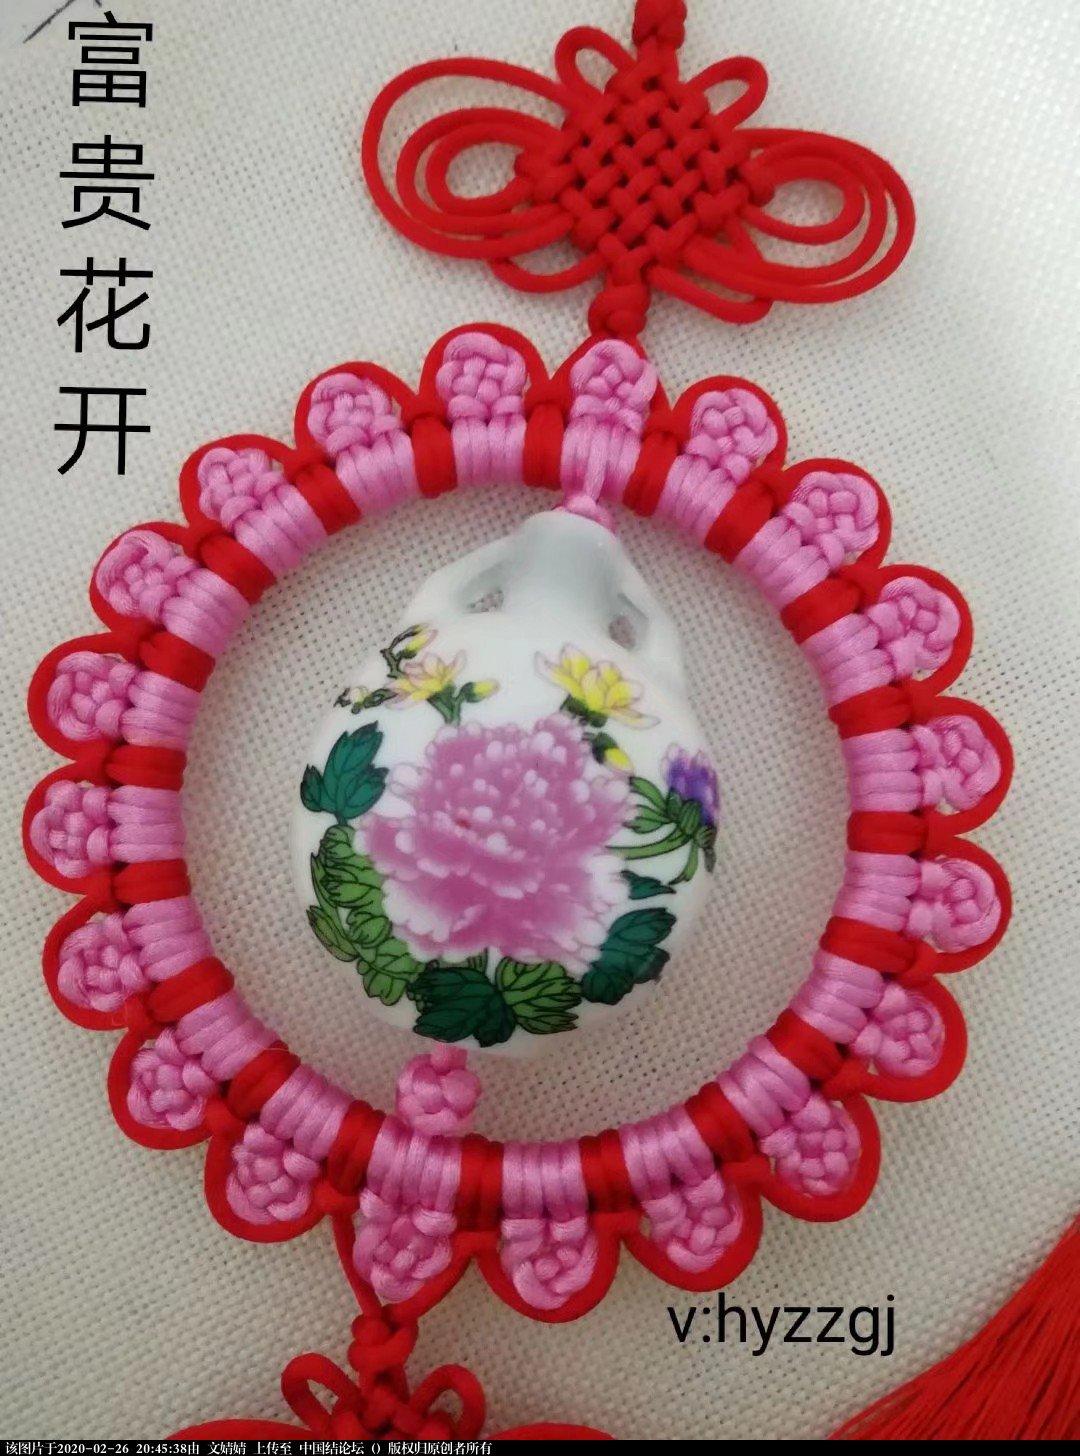 中国结论坛 结缘陶瓷,胶圈、盘长、冰花、宝结……不断更新中 花开富贵,中国人,好运气,禁忌,而且 作品展示